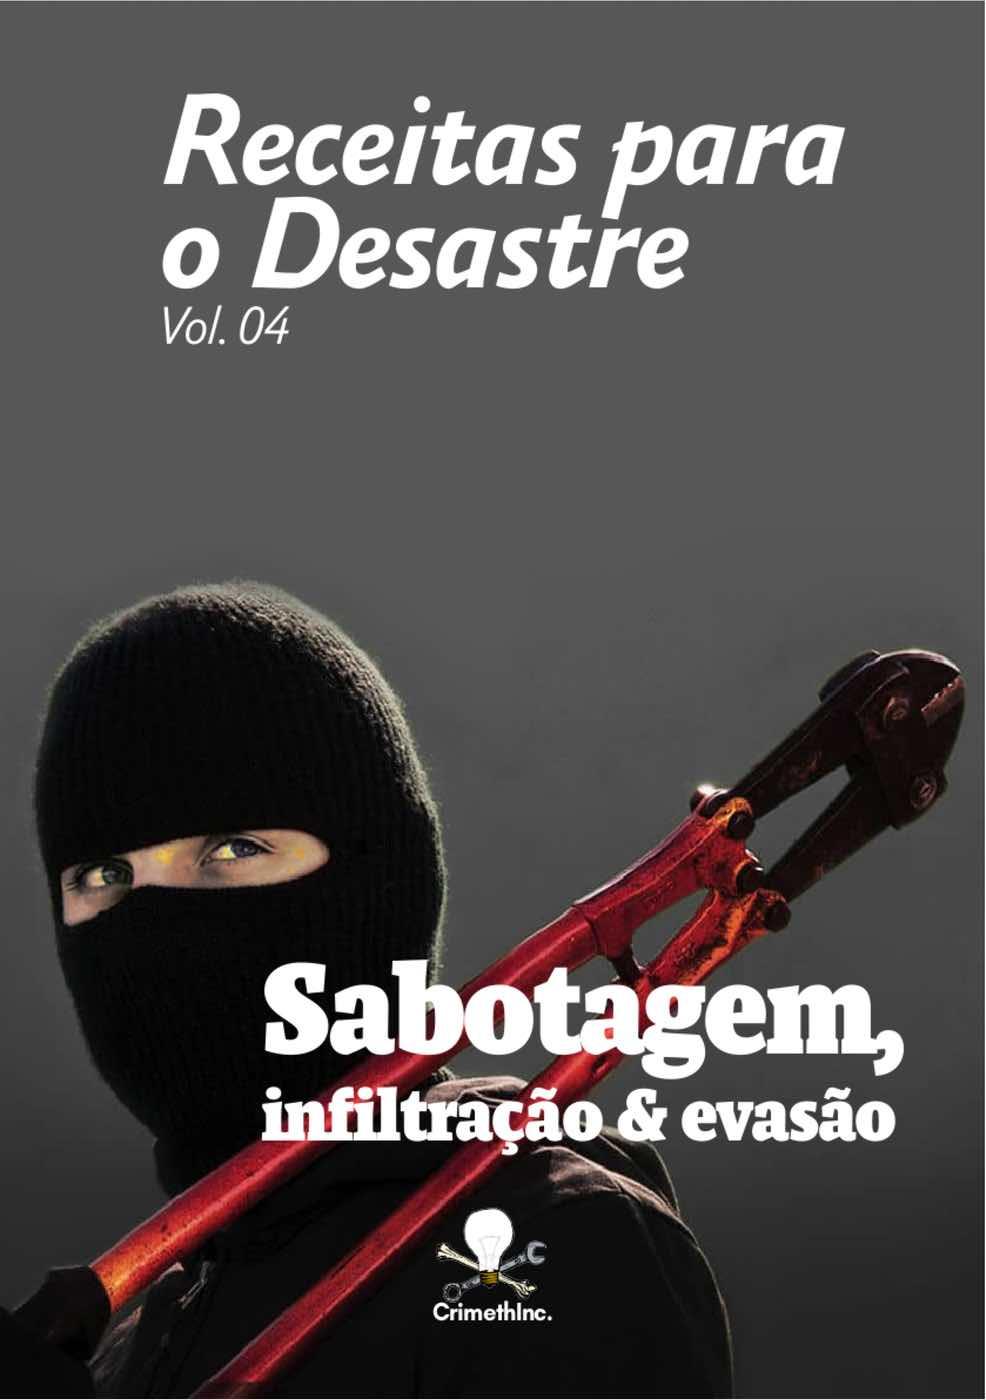 Photo of 'Receitas para o Desastre Vol. 04 (Portugues Brasileiro)' front cover